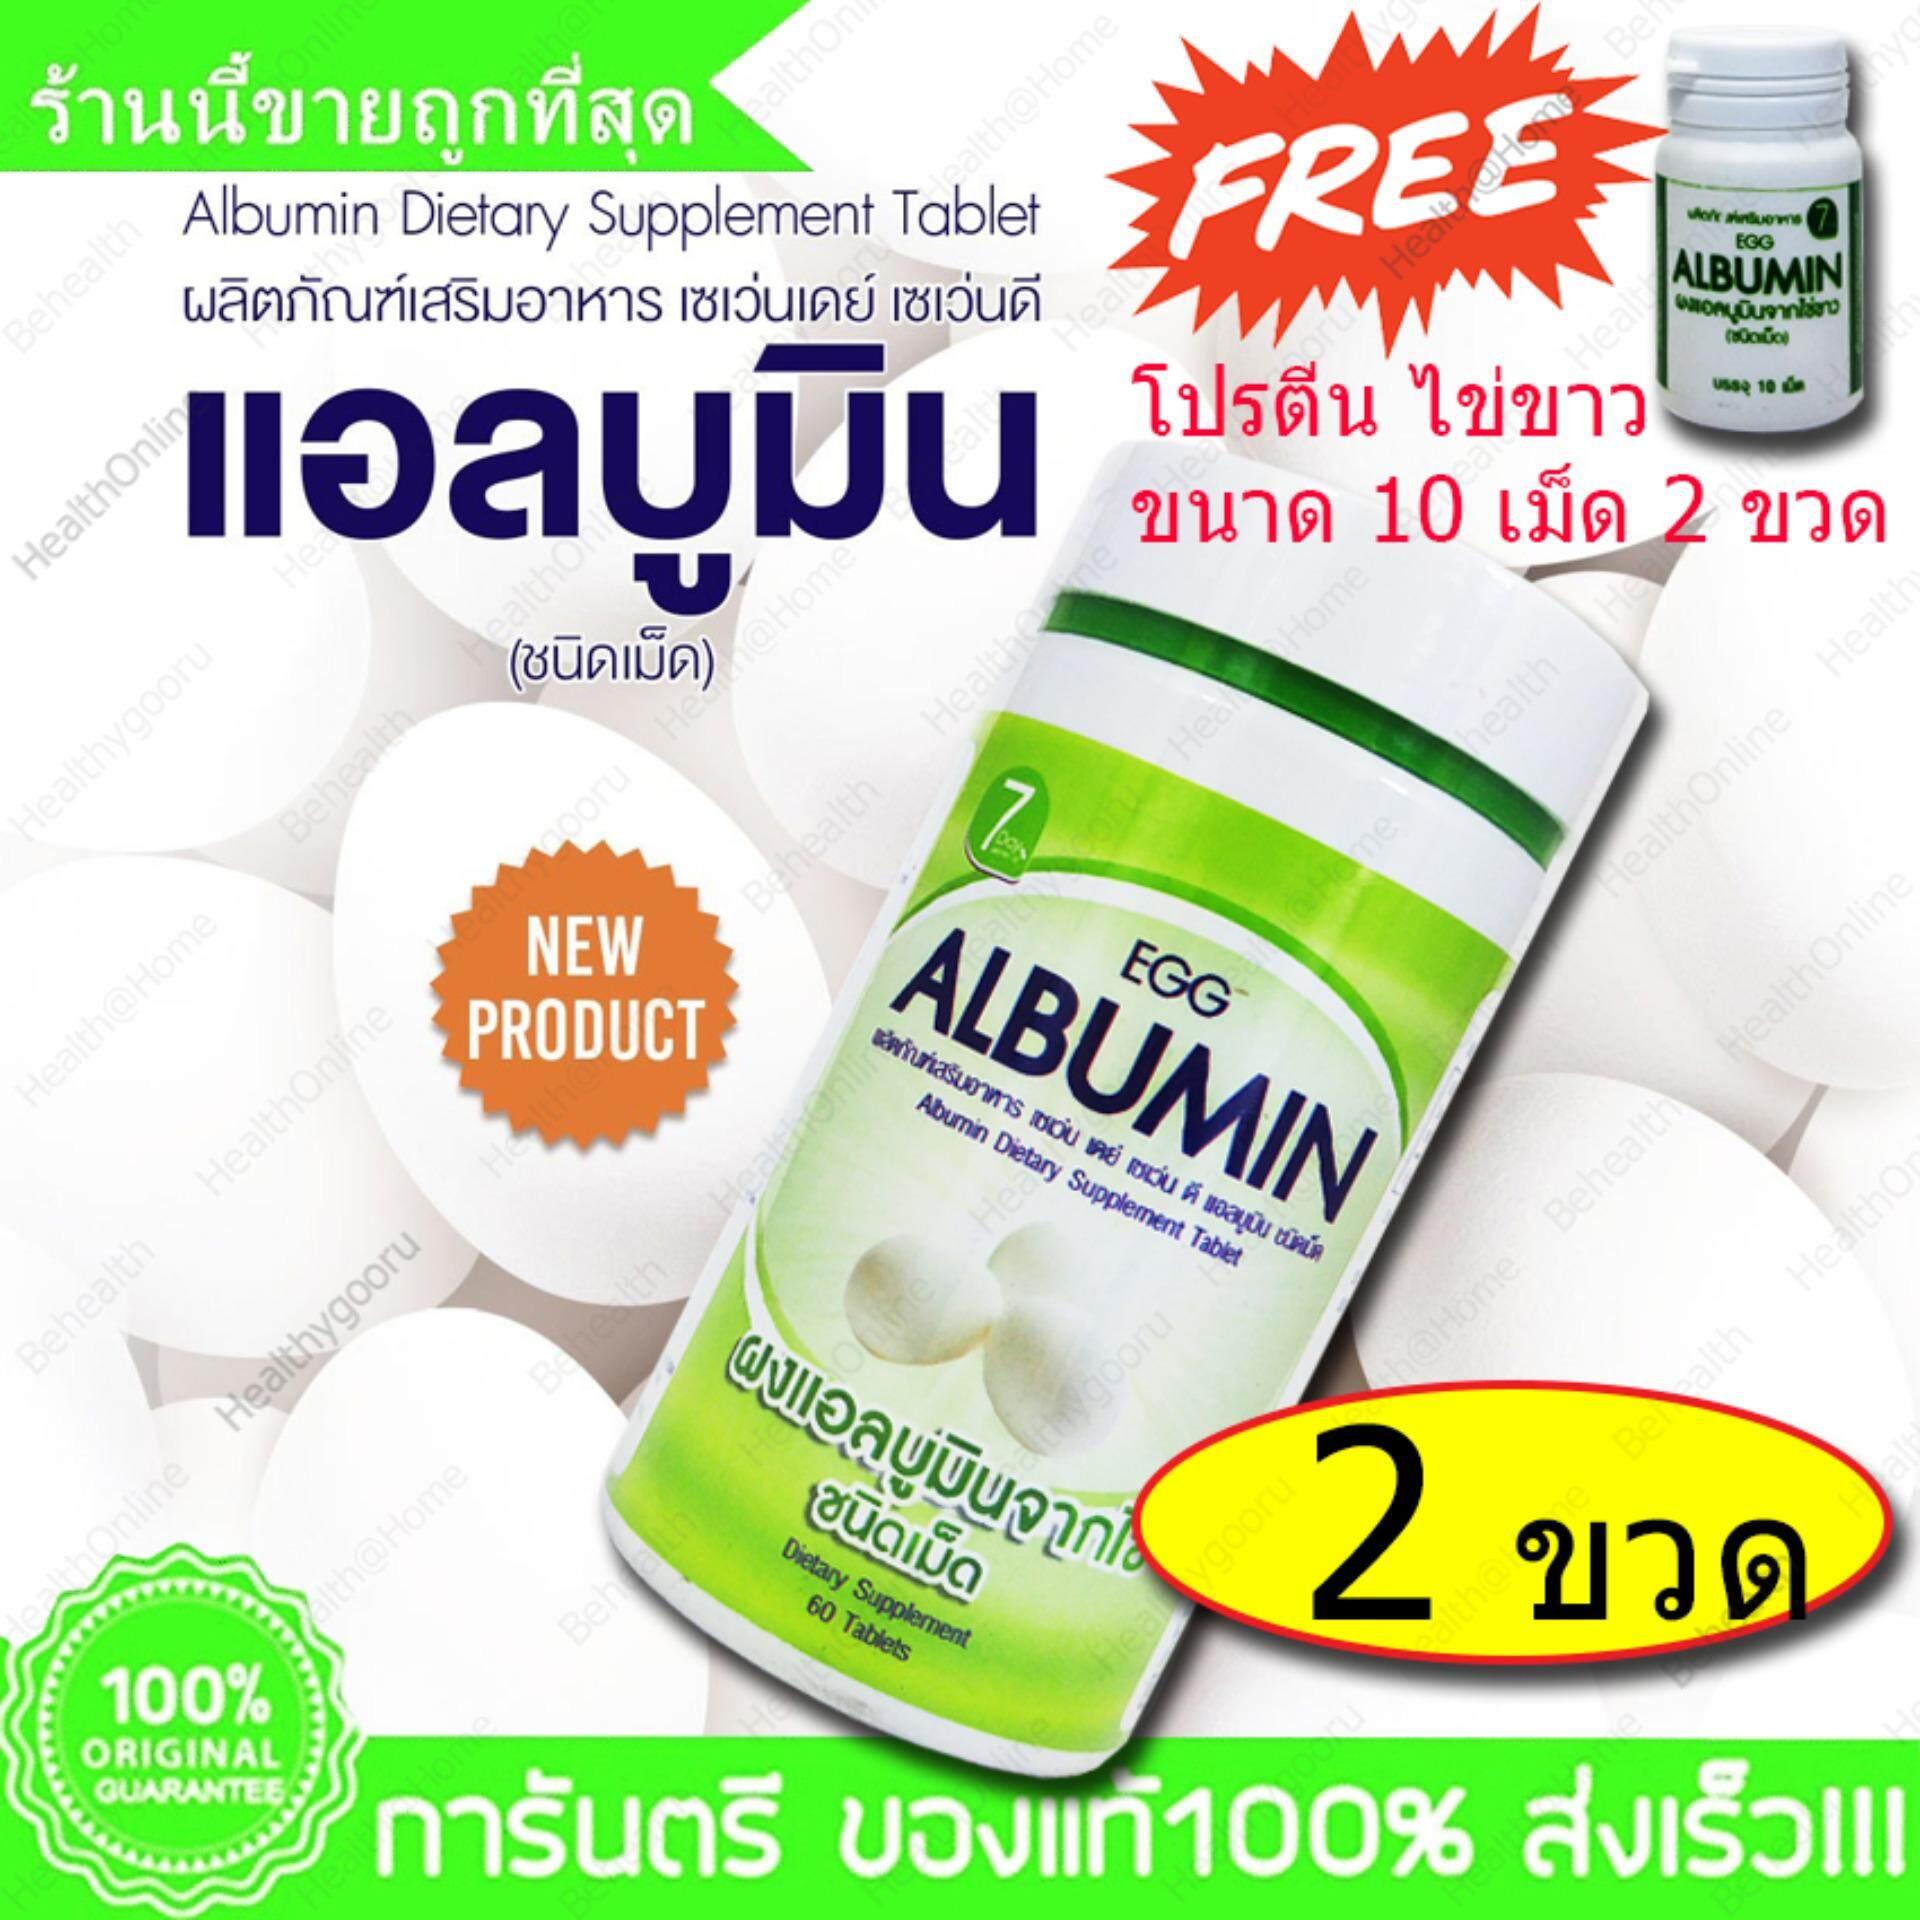 ขาย Egg Albumin ผงอัลบูมินจากไข่ 60 Tab X 2 Bottle Free โปรตีน ไข่ขาว อัดเม็ด Egg Albumin 10 Tab 150 Bath X 2 Bottle ราคาถูกที่สุด